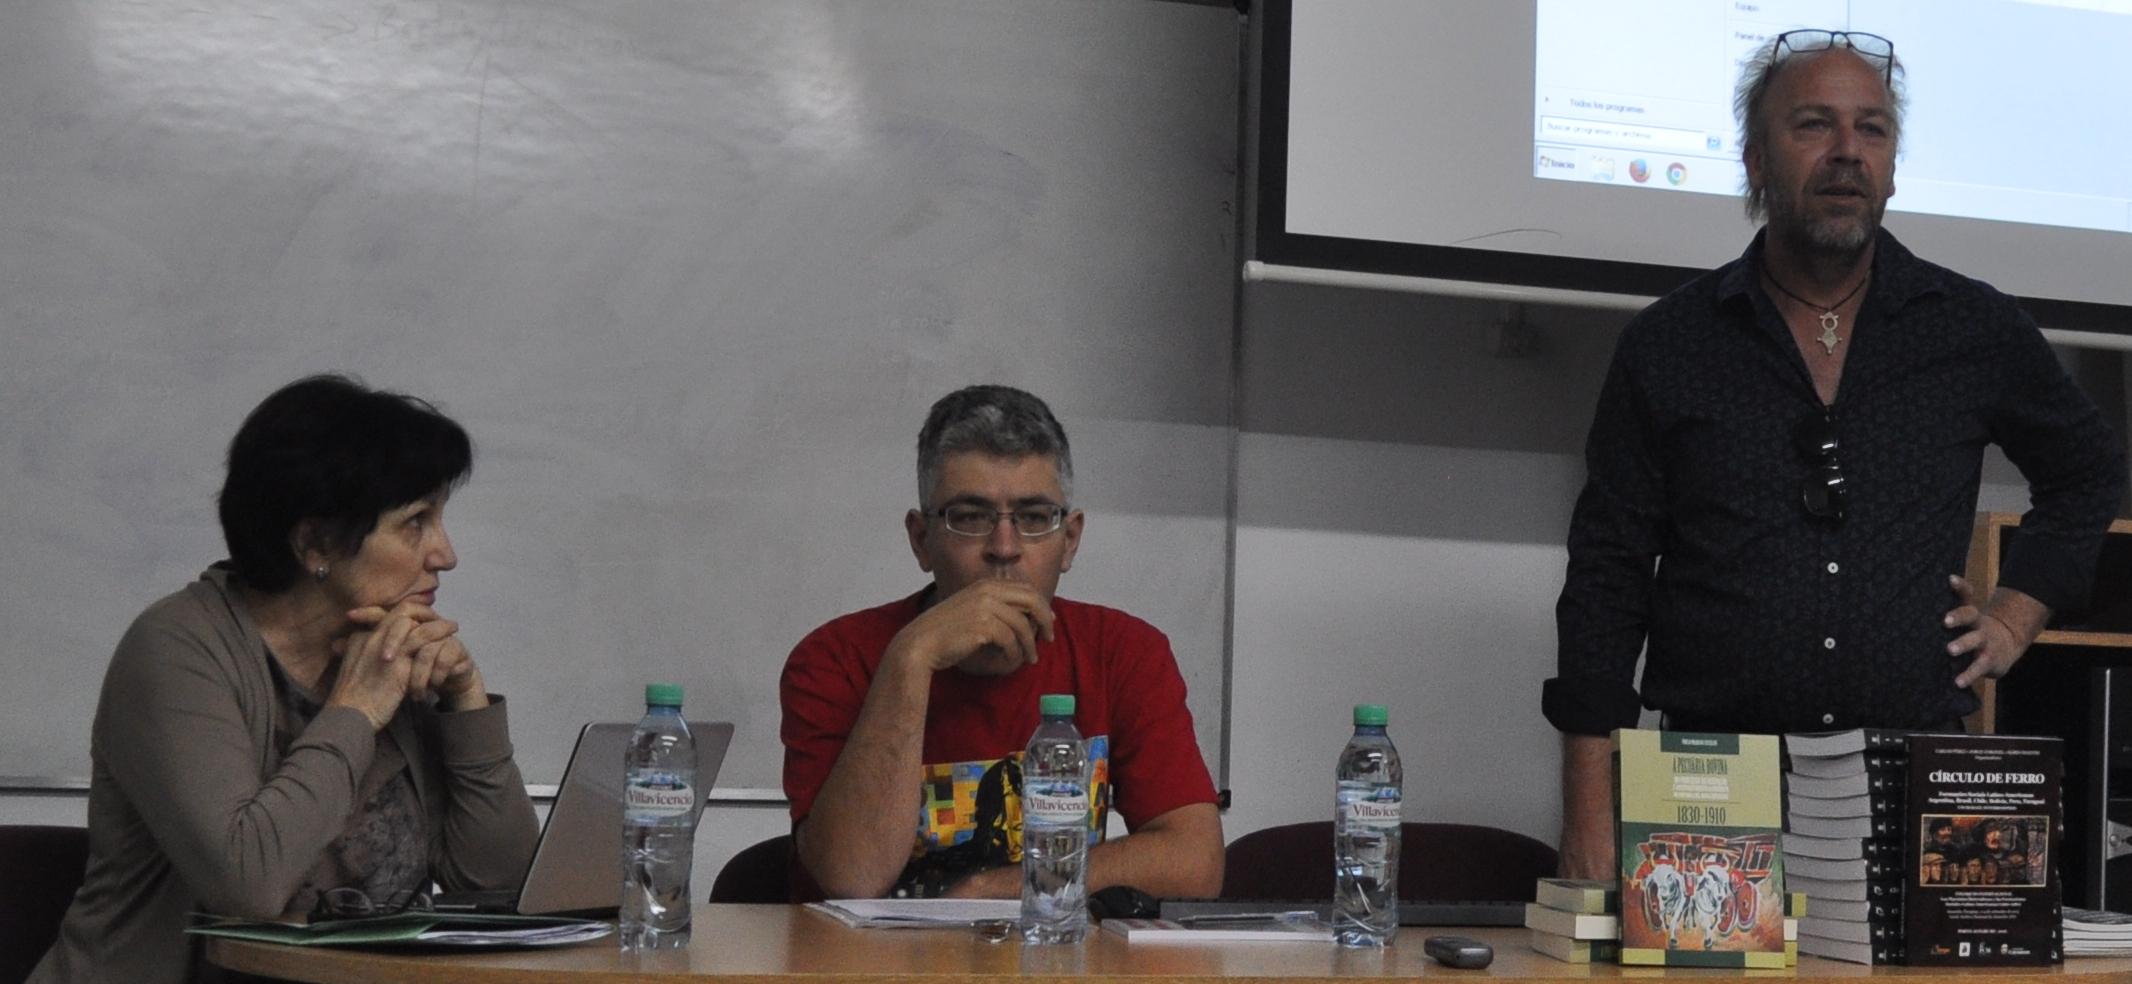 12-ii-coloquio-internacional-marxista-de-historia-unc-maria-jose-becerra-diego-buffa-mario-maestri-gilberto-calil-carlos-perez-jorge-coronel